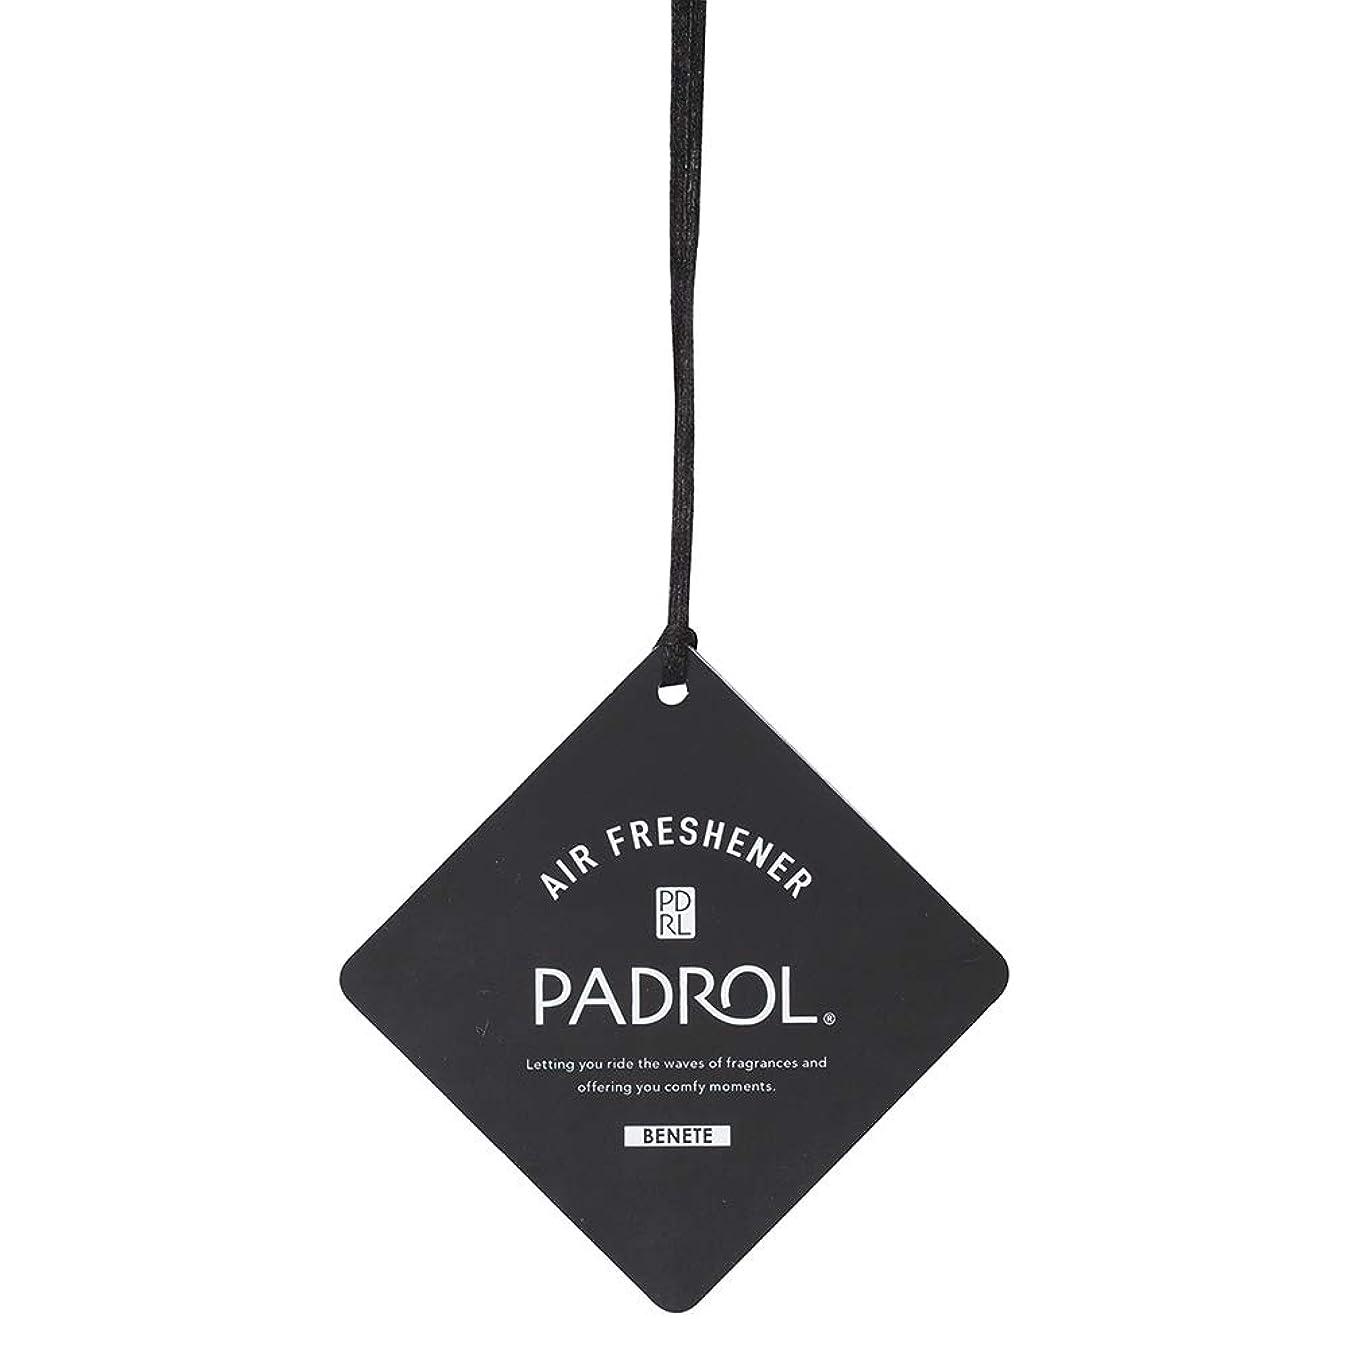 あいにくファブリック高尚なノルコーポレーション ルームフレグランス エアーフレッシュナー パドロール 吊り下げ BONITA PAB-5-01 ホワイトムスクの香り 1枚